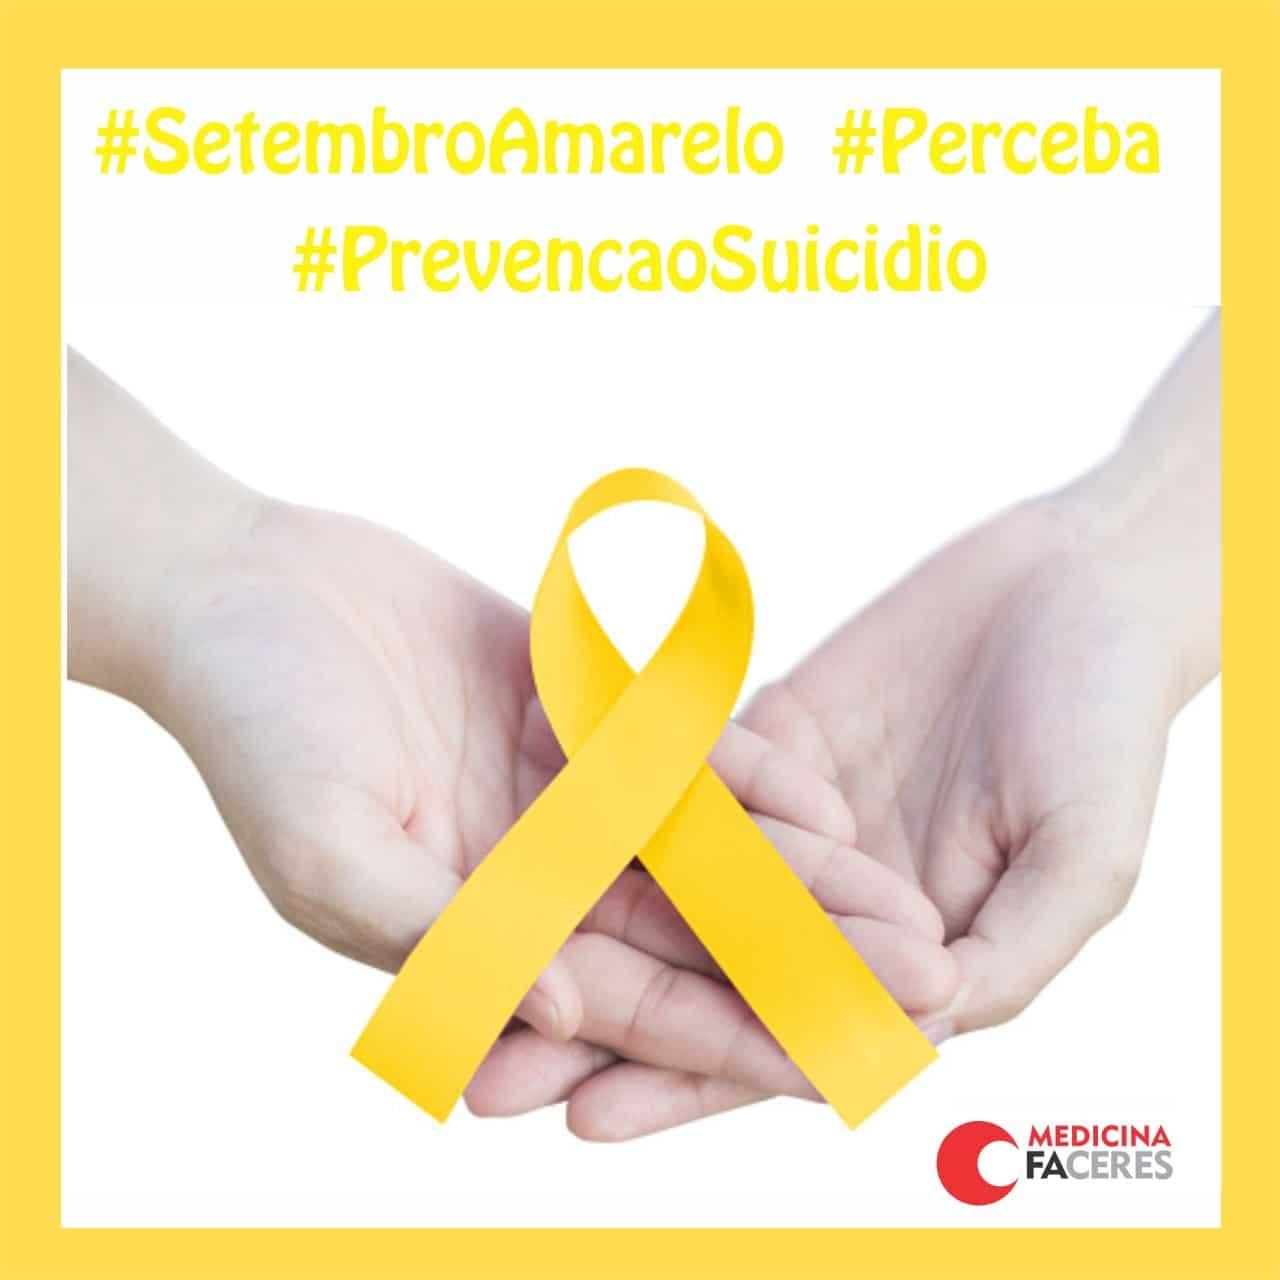 Turma 15 Do Curso De Medicina Faceres Desenvolve Campanha Virtual Do Setembro Amarelo Prevencao Ao Suicidio Faculdade Faceres